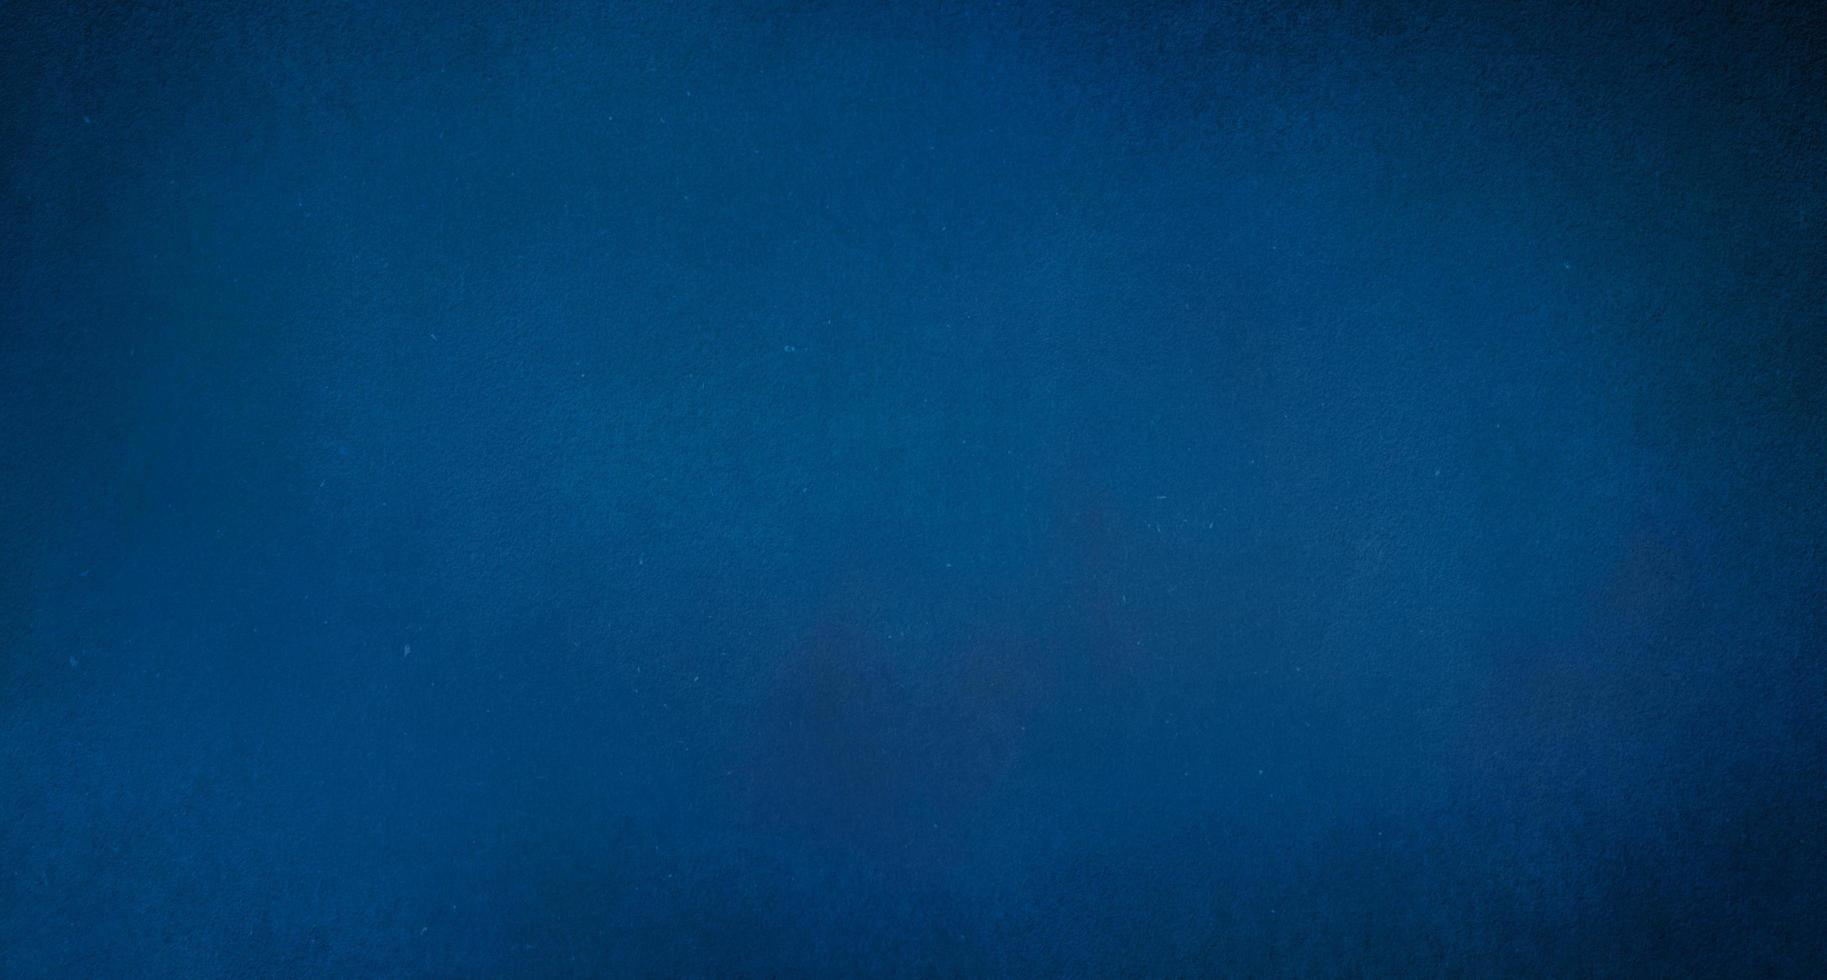 blauwe grunge achtergrond foto